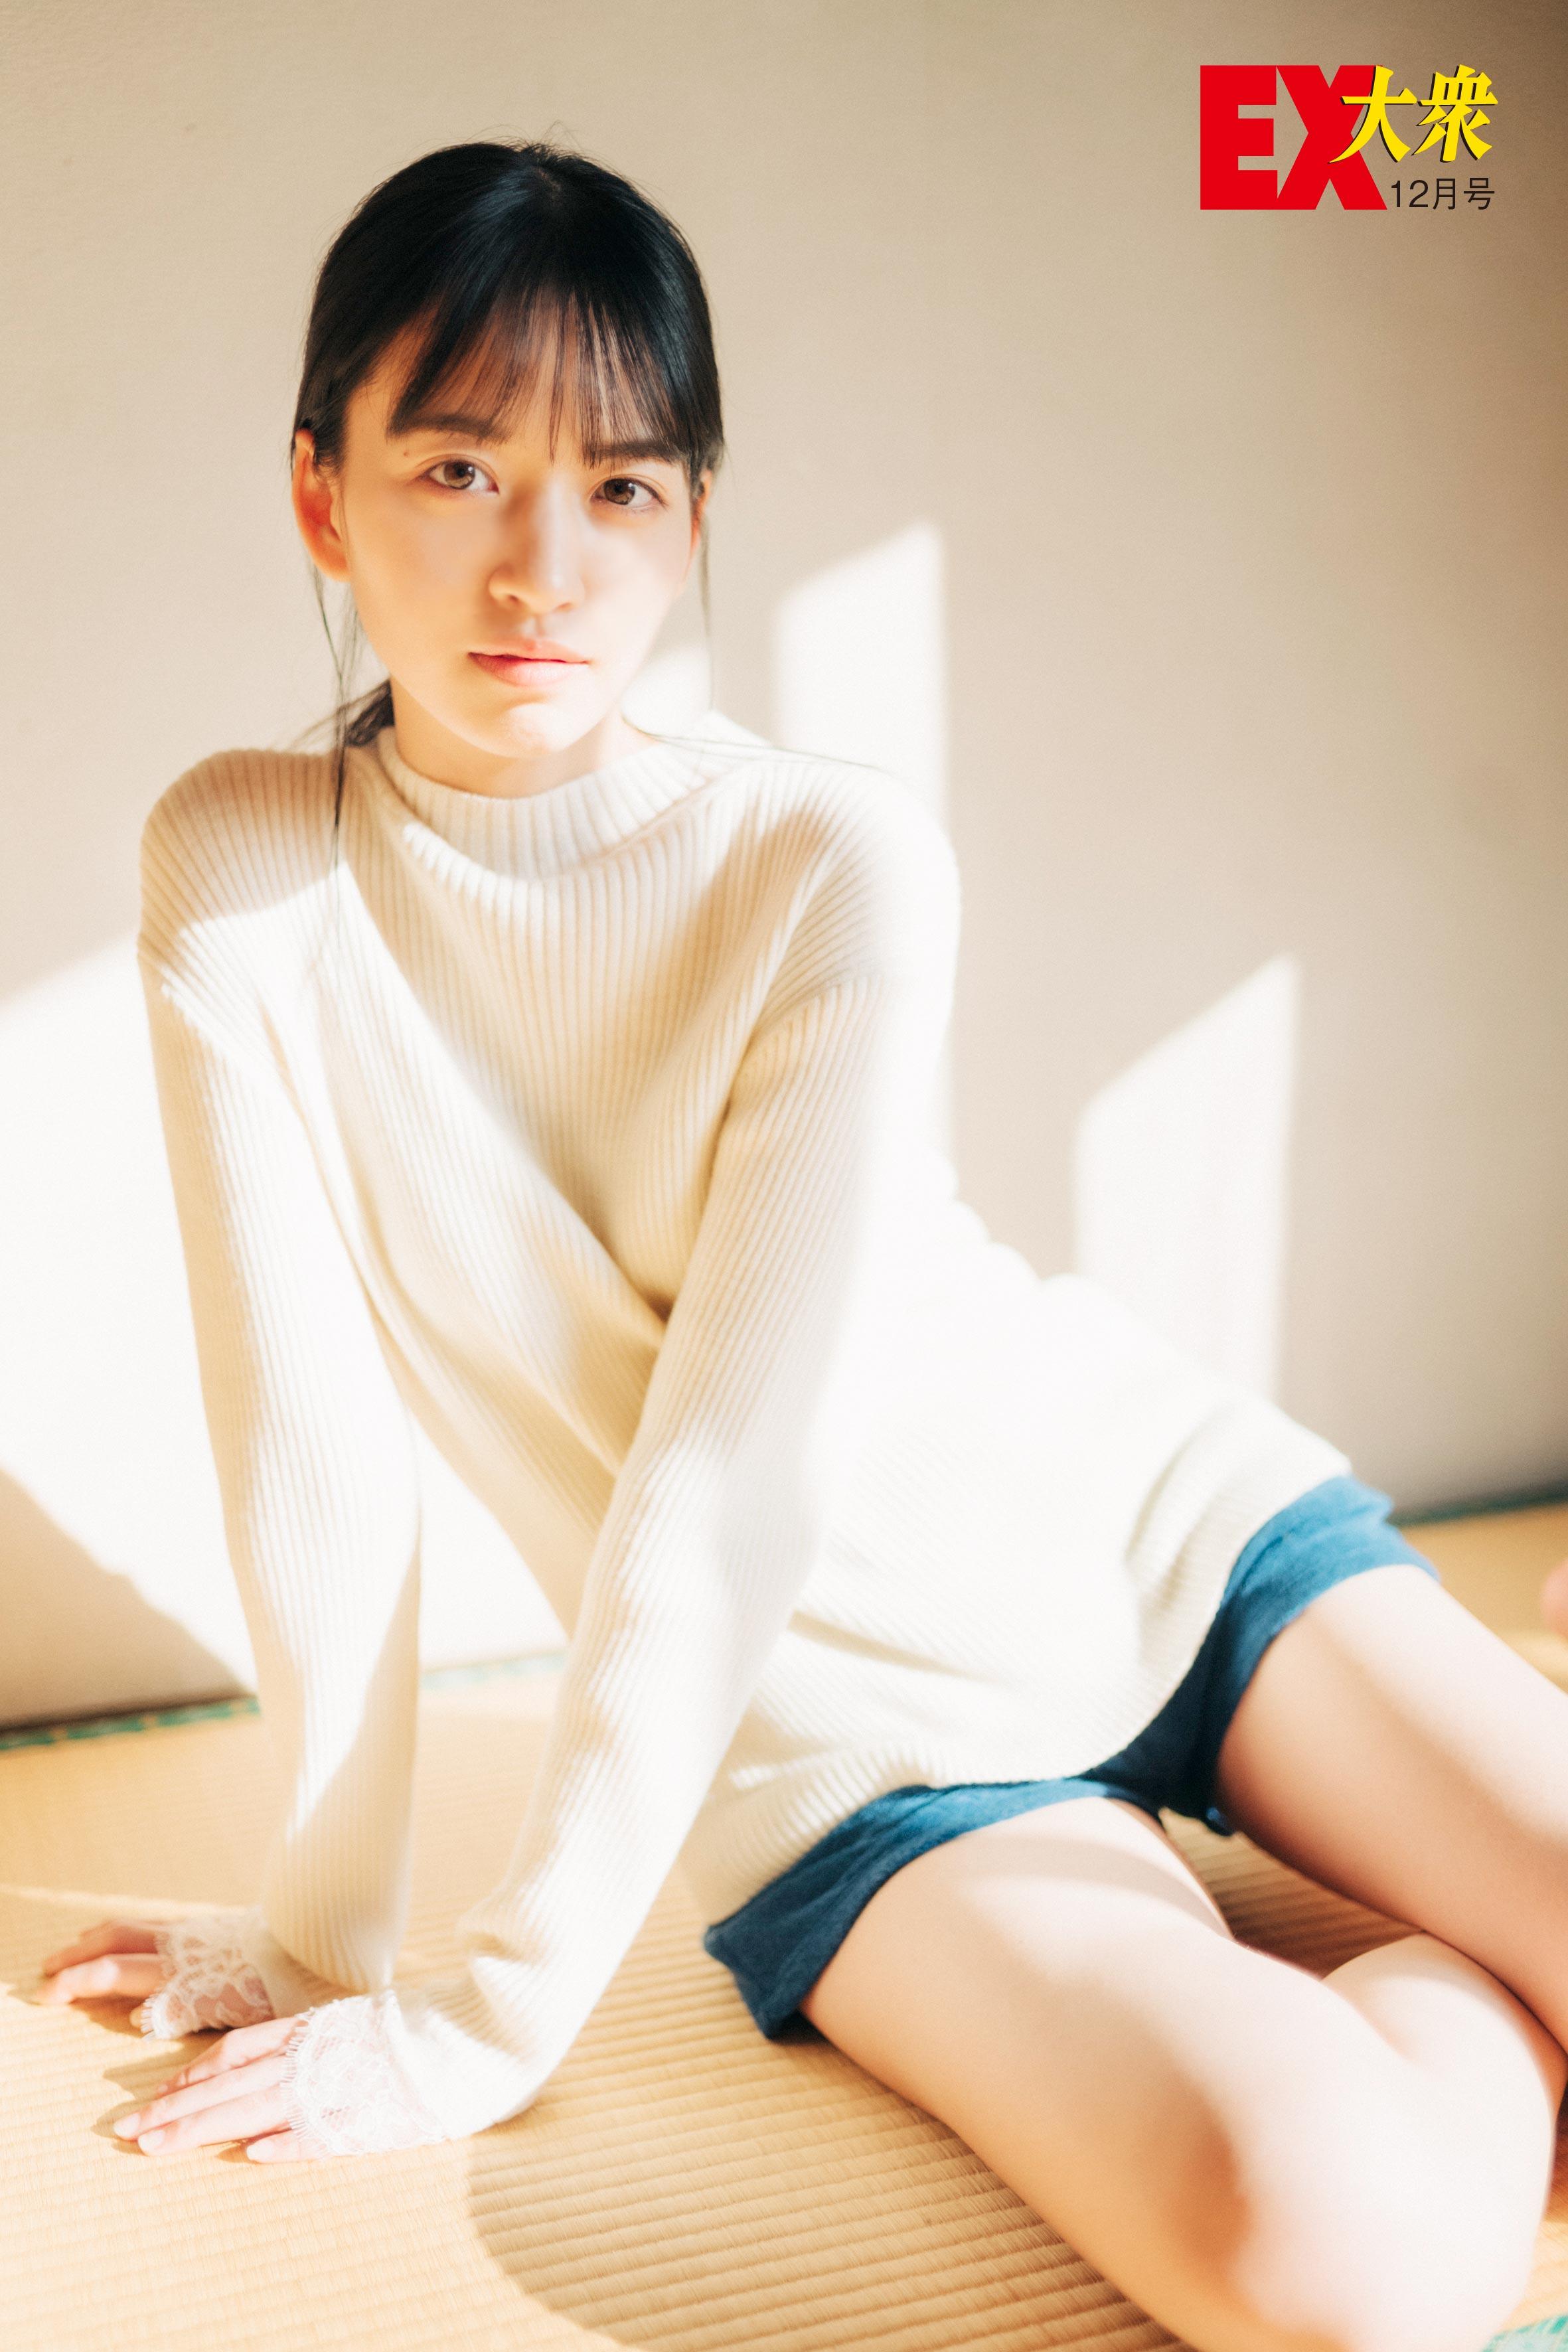 乃木坂46金川紗耶の本誌未掲載カット5枚を大公開!【EX大衆12月号】の画像001